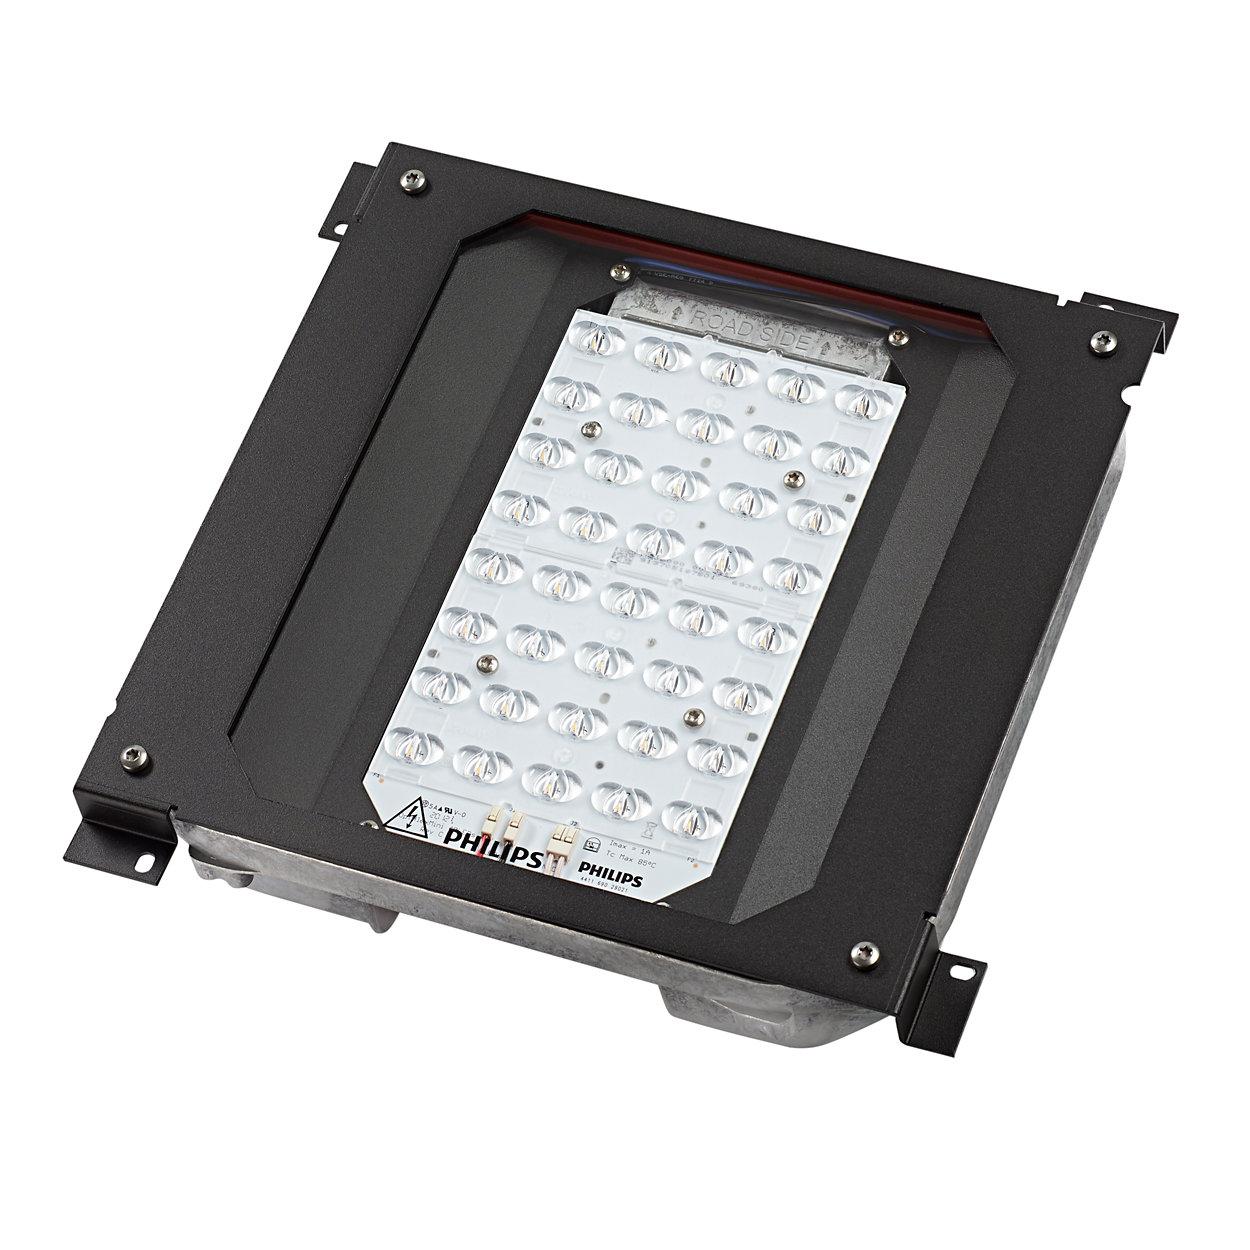 Atualize a sua base de instalação de luminária tradicional para uma alternativa LED mais energeticamente eficiente e preparada para o futuro.